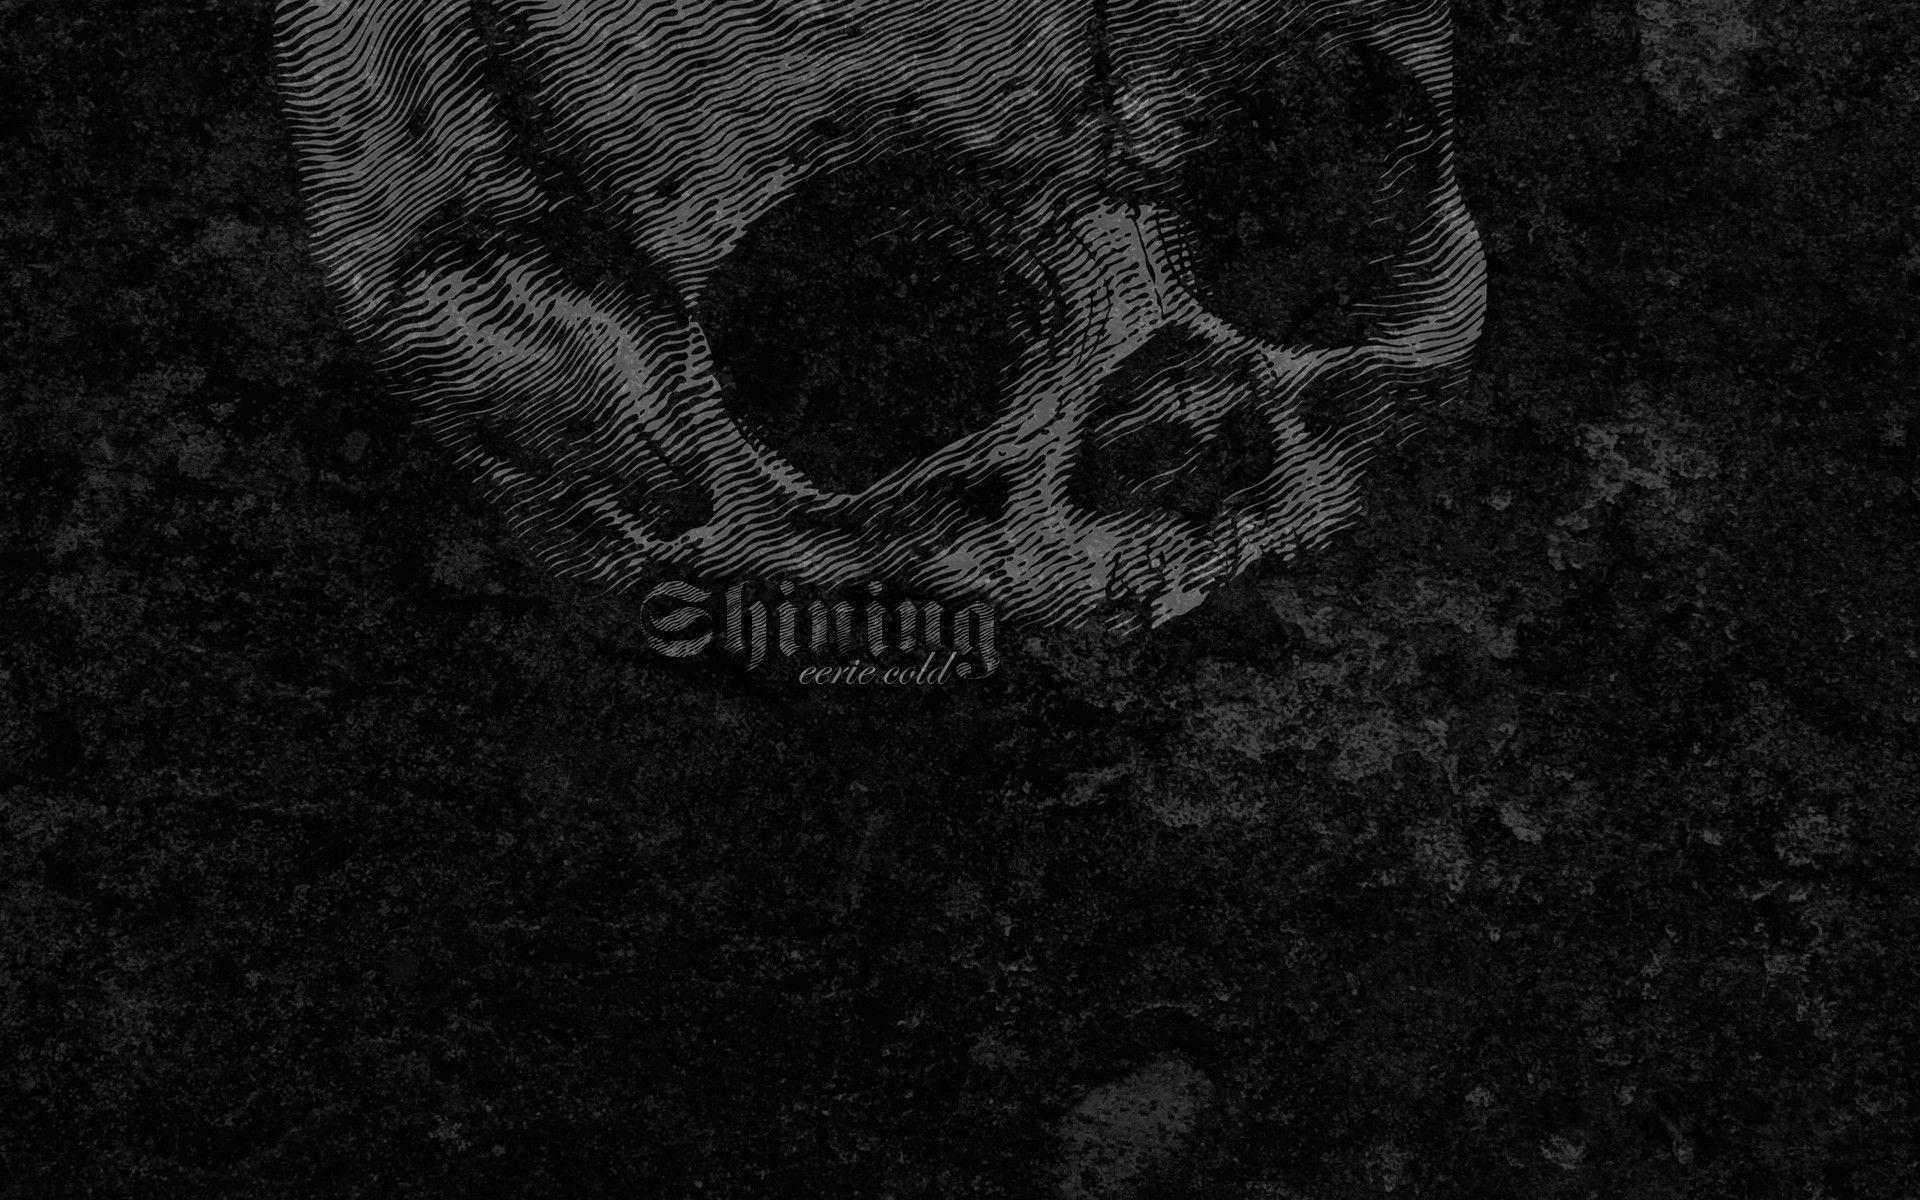 black metal wallpapers wallpaper cave